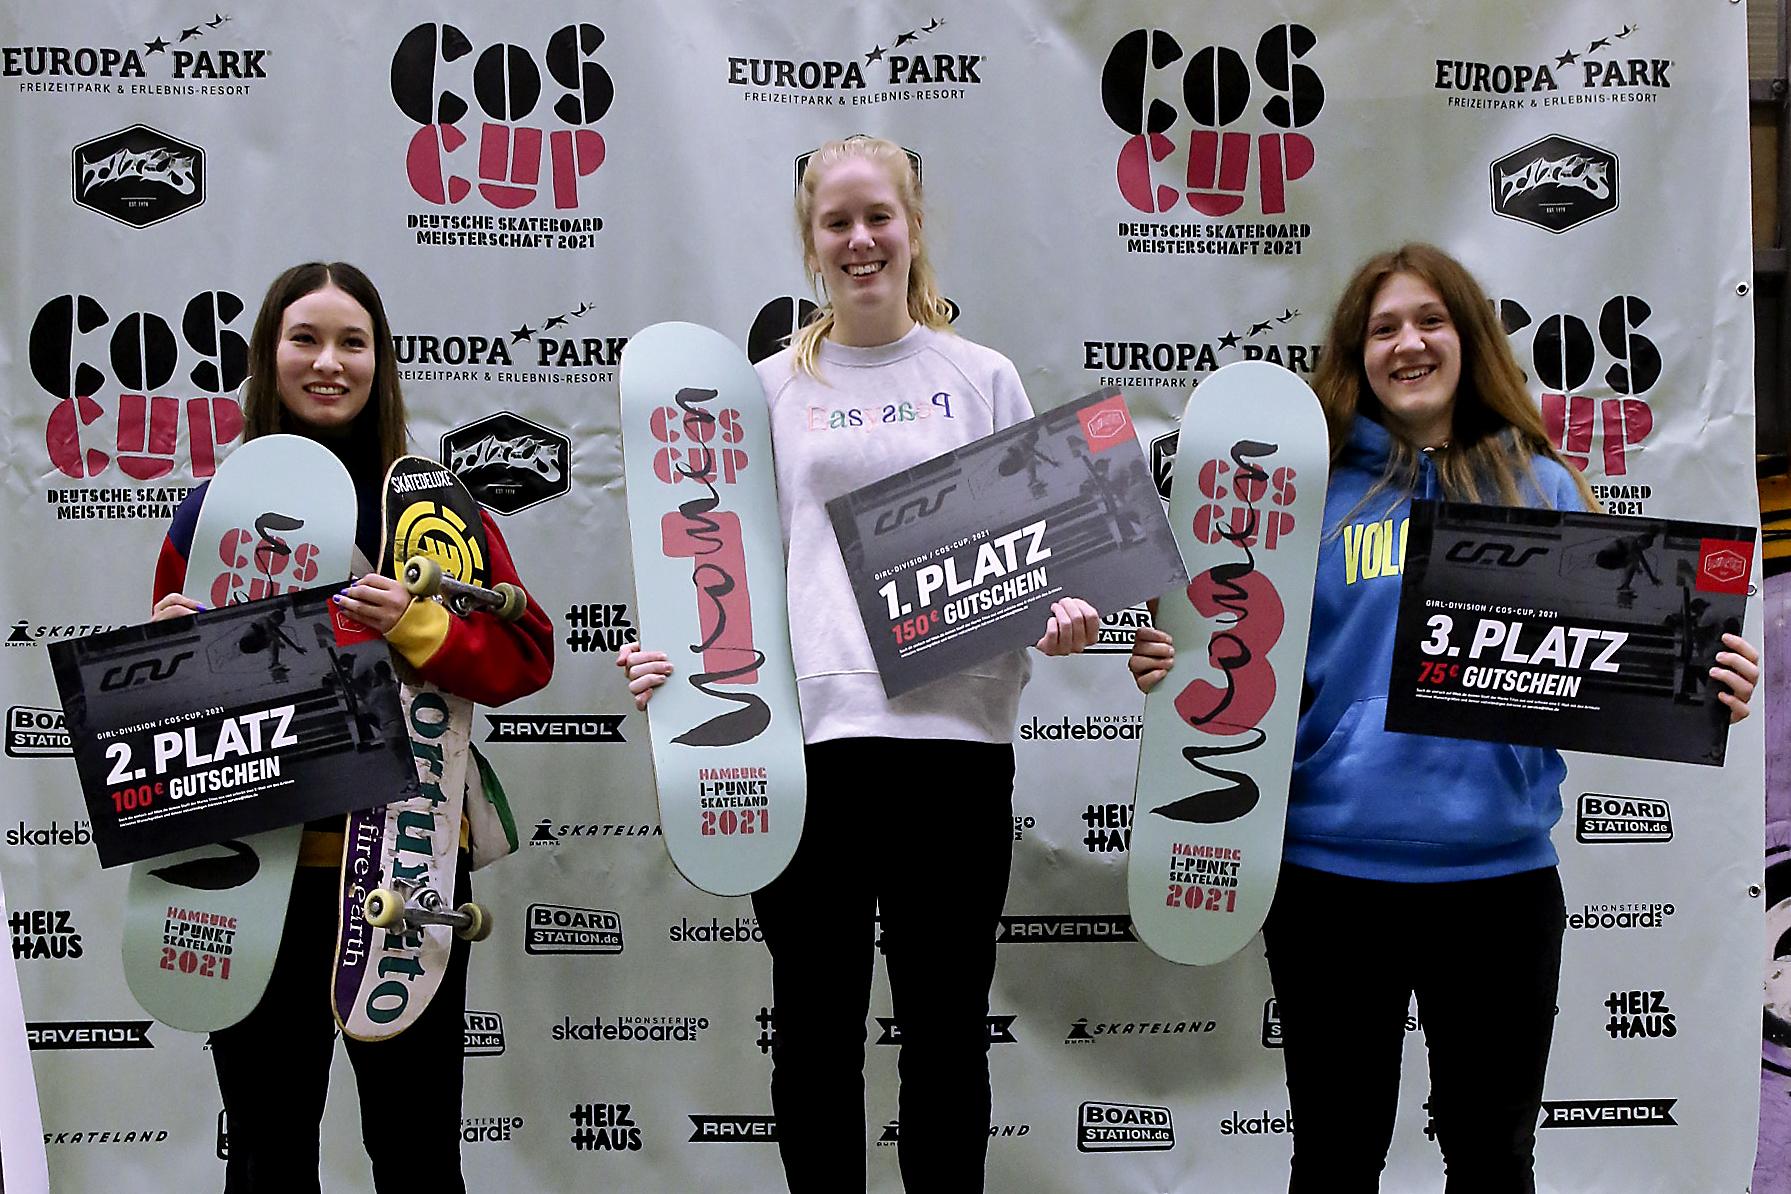 Mika Möller, Amelie Tiedeken und Kevin Hegemann gewinnen den 2. COS Cup Stop 2021!